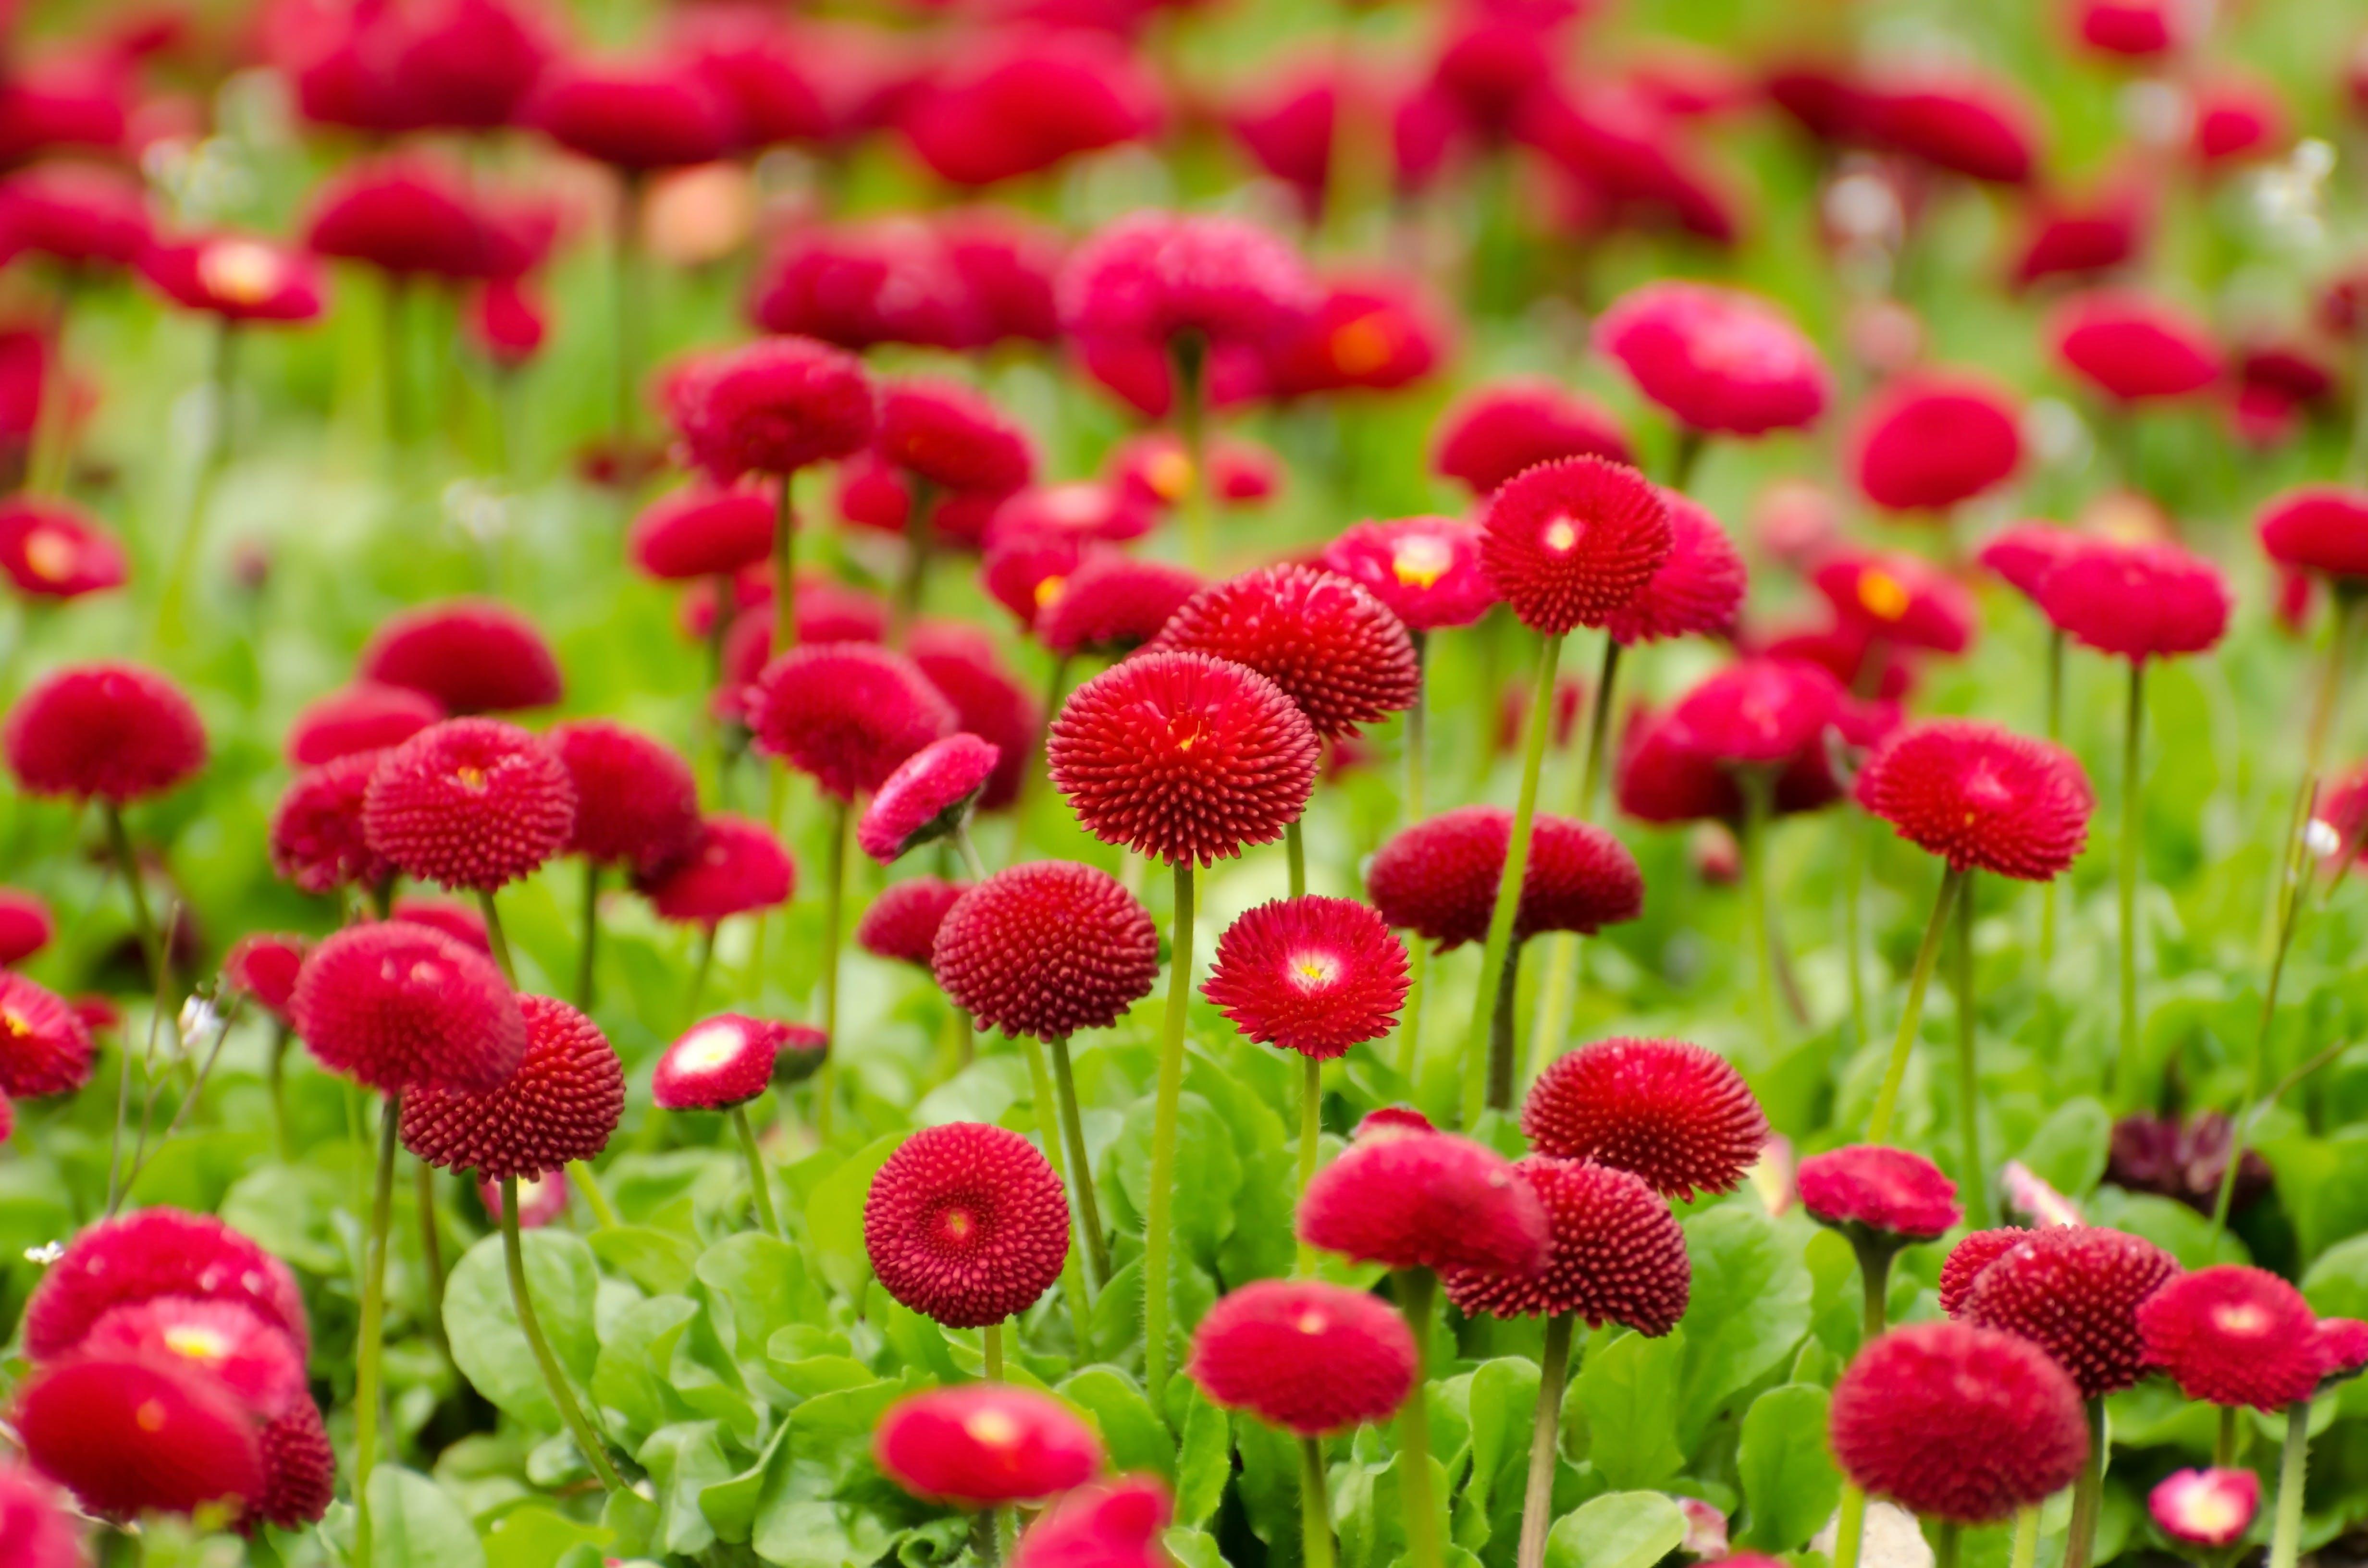 Red Petal Flowers Field